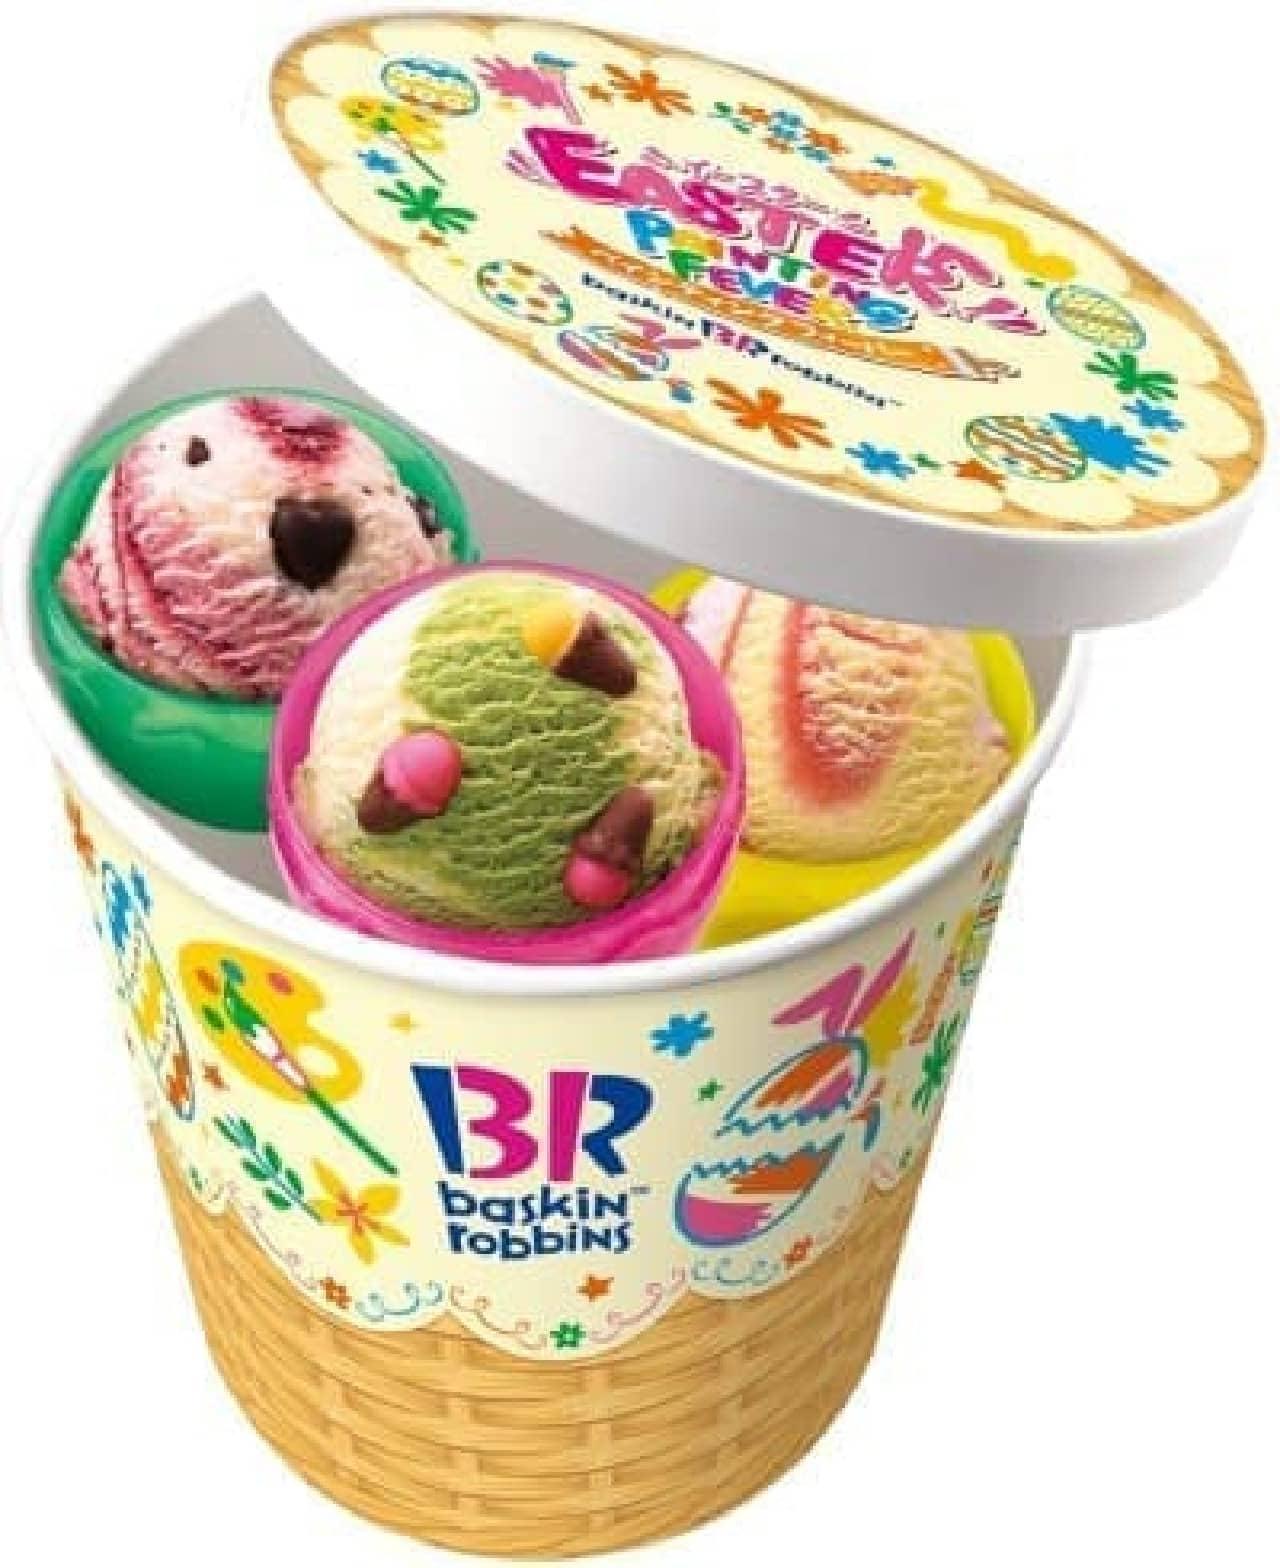 サーティワン アイスクリーム「イースター ペインティングフィーバー」